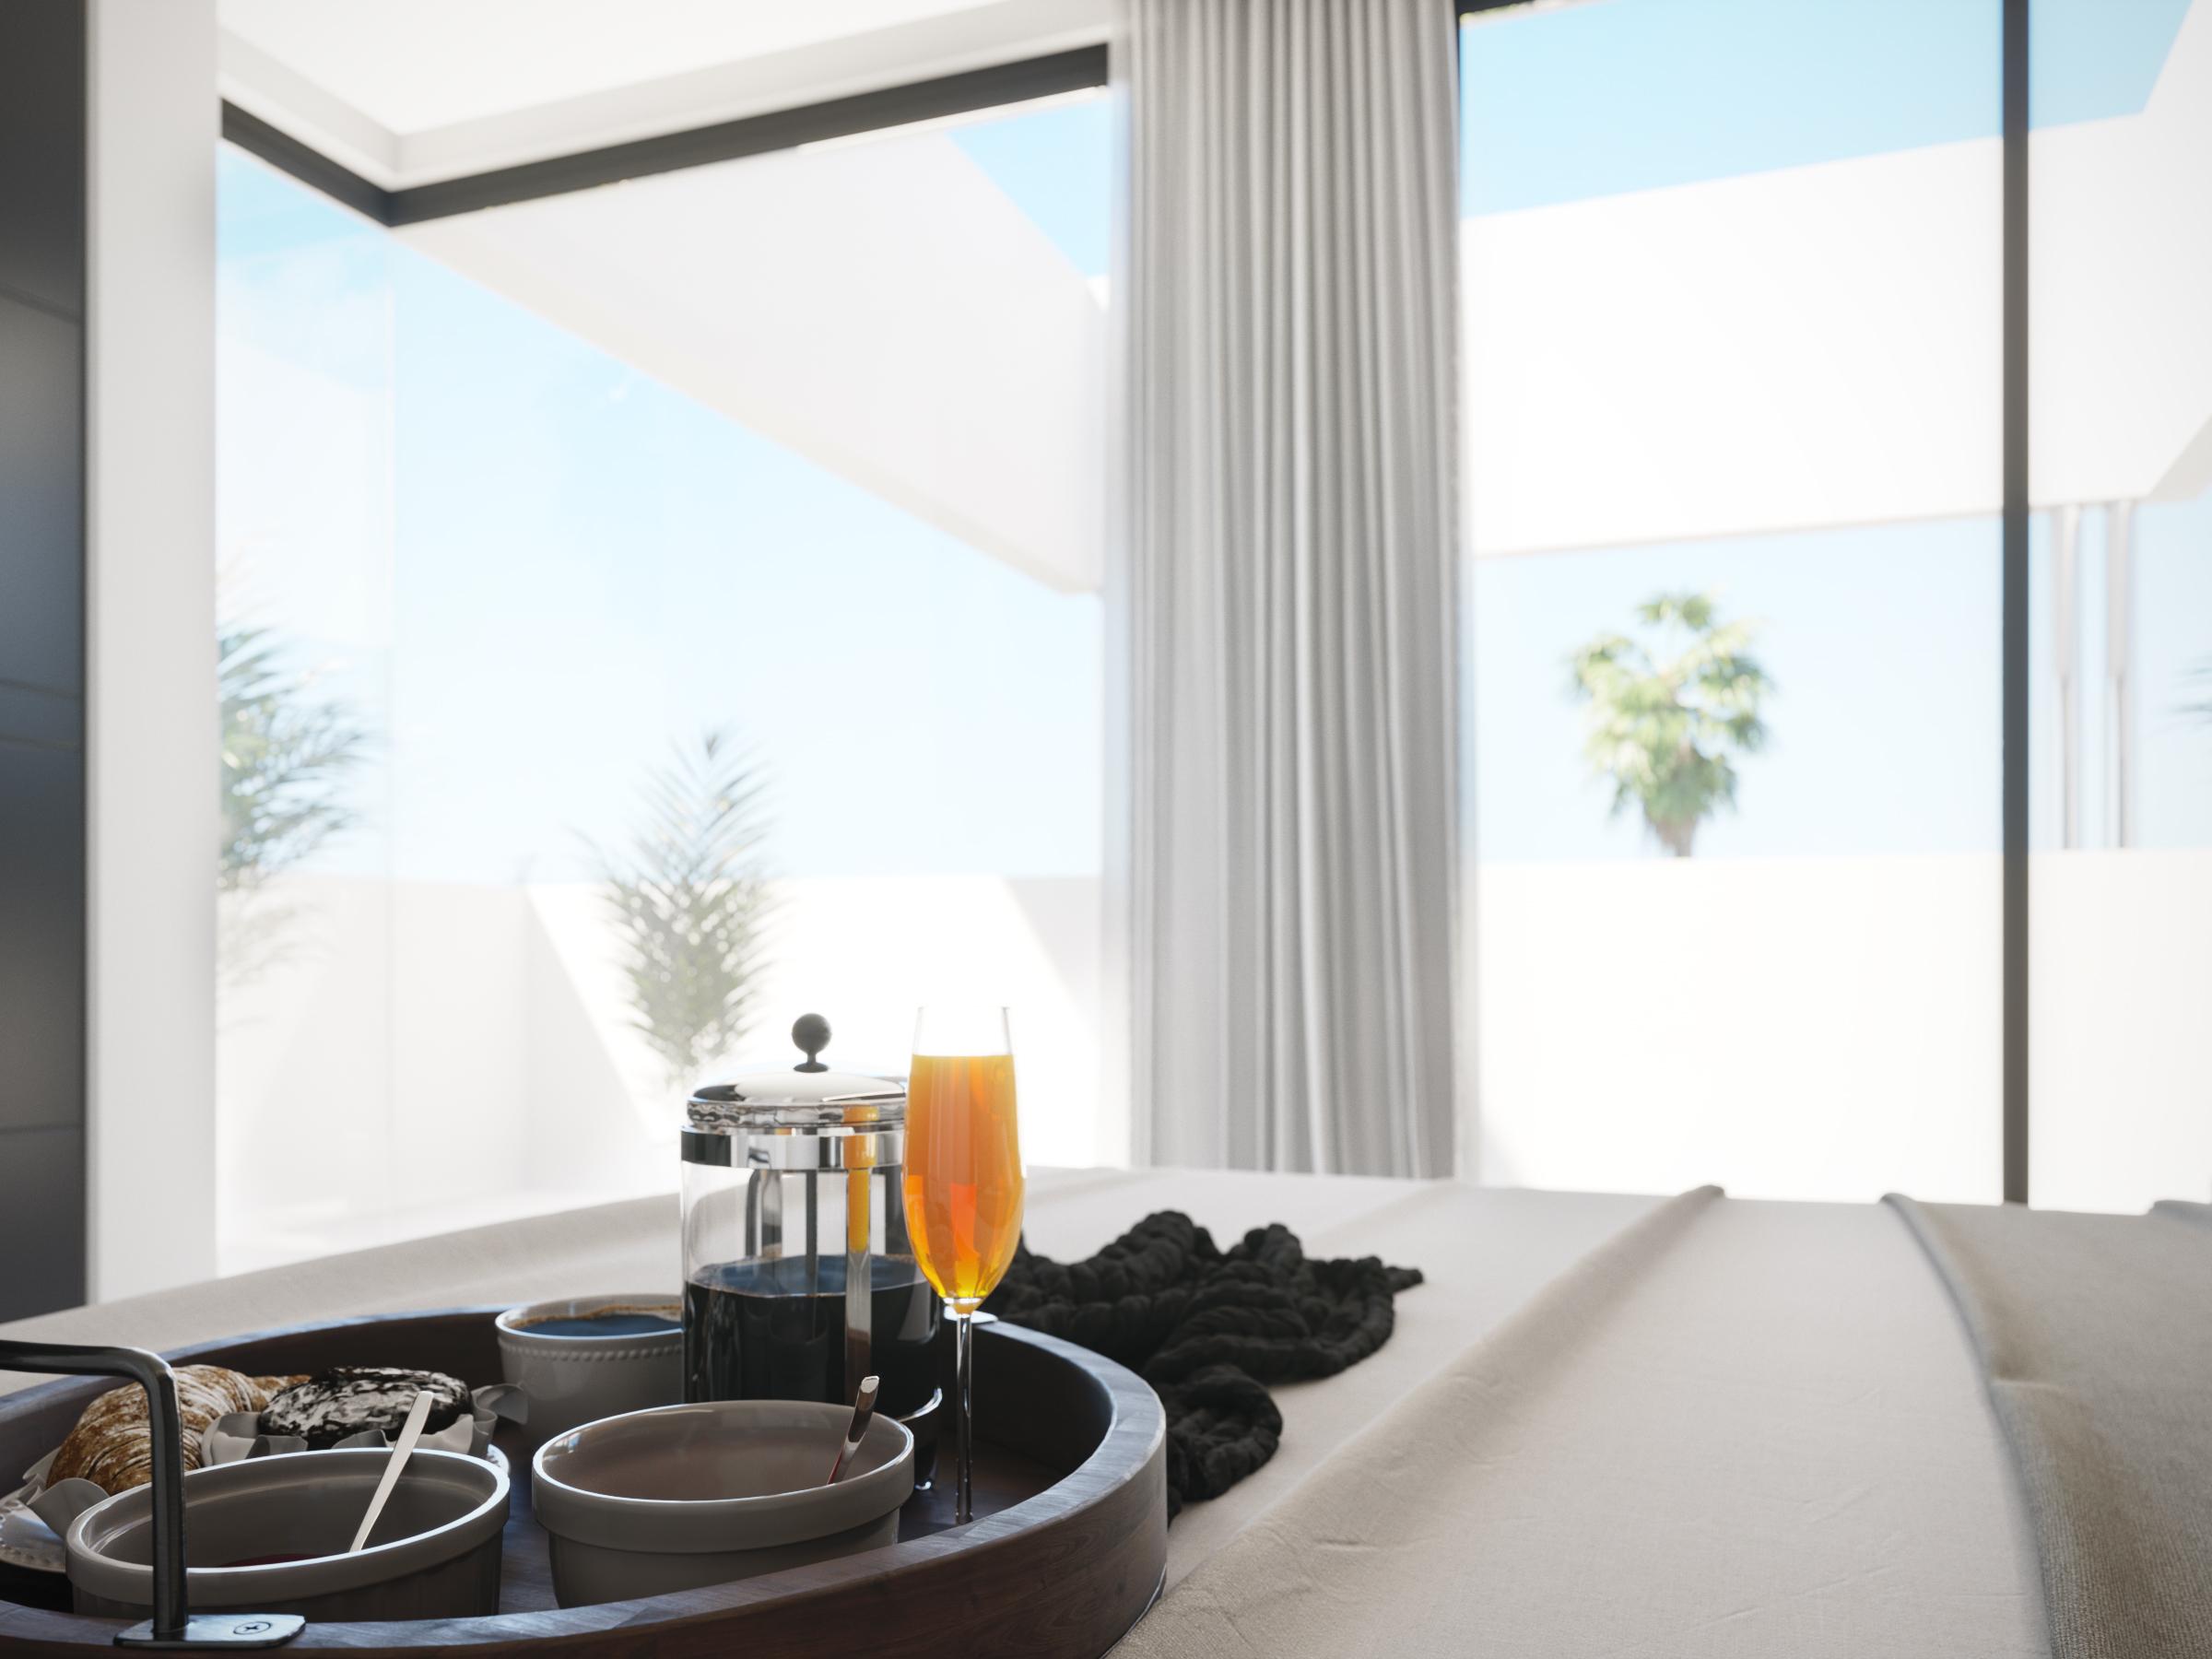 Dormitorio_view2